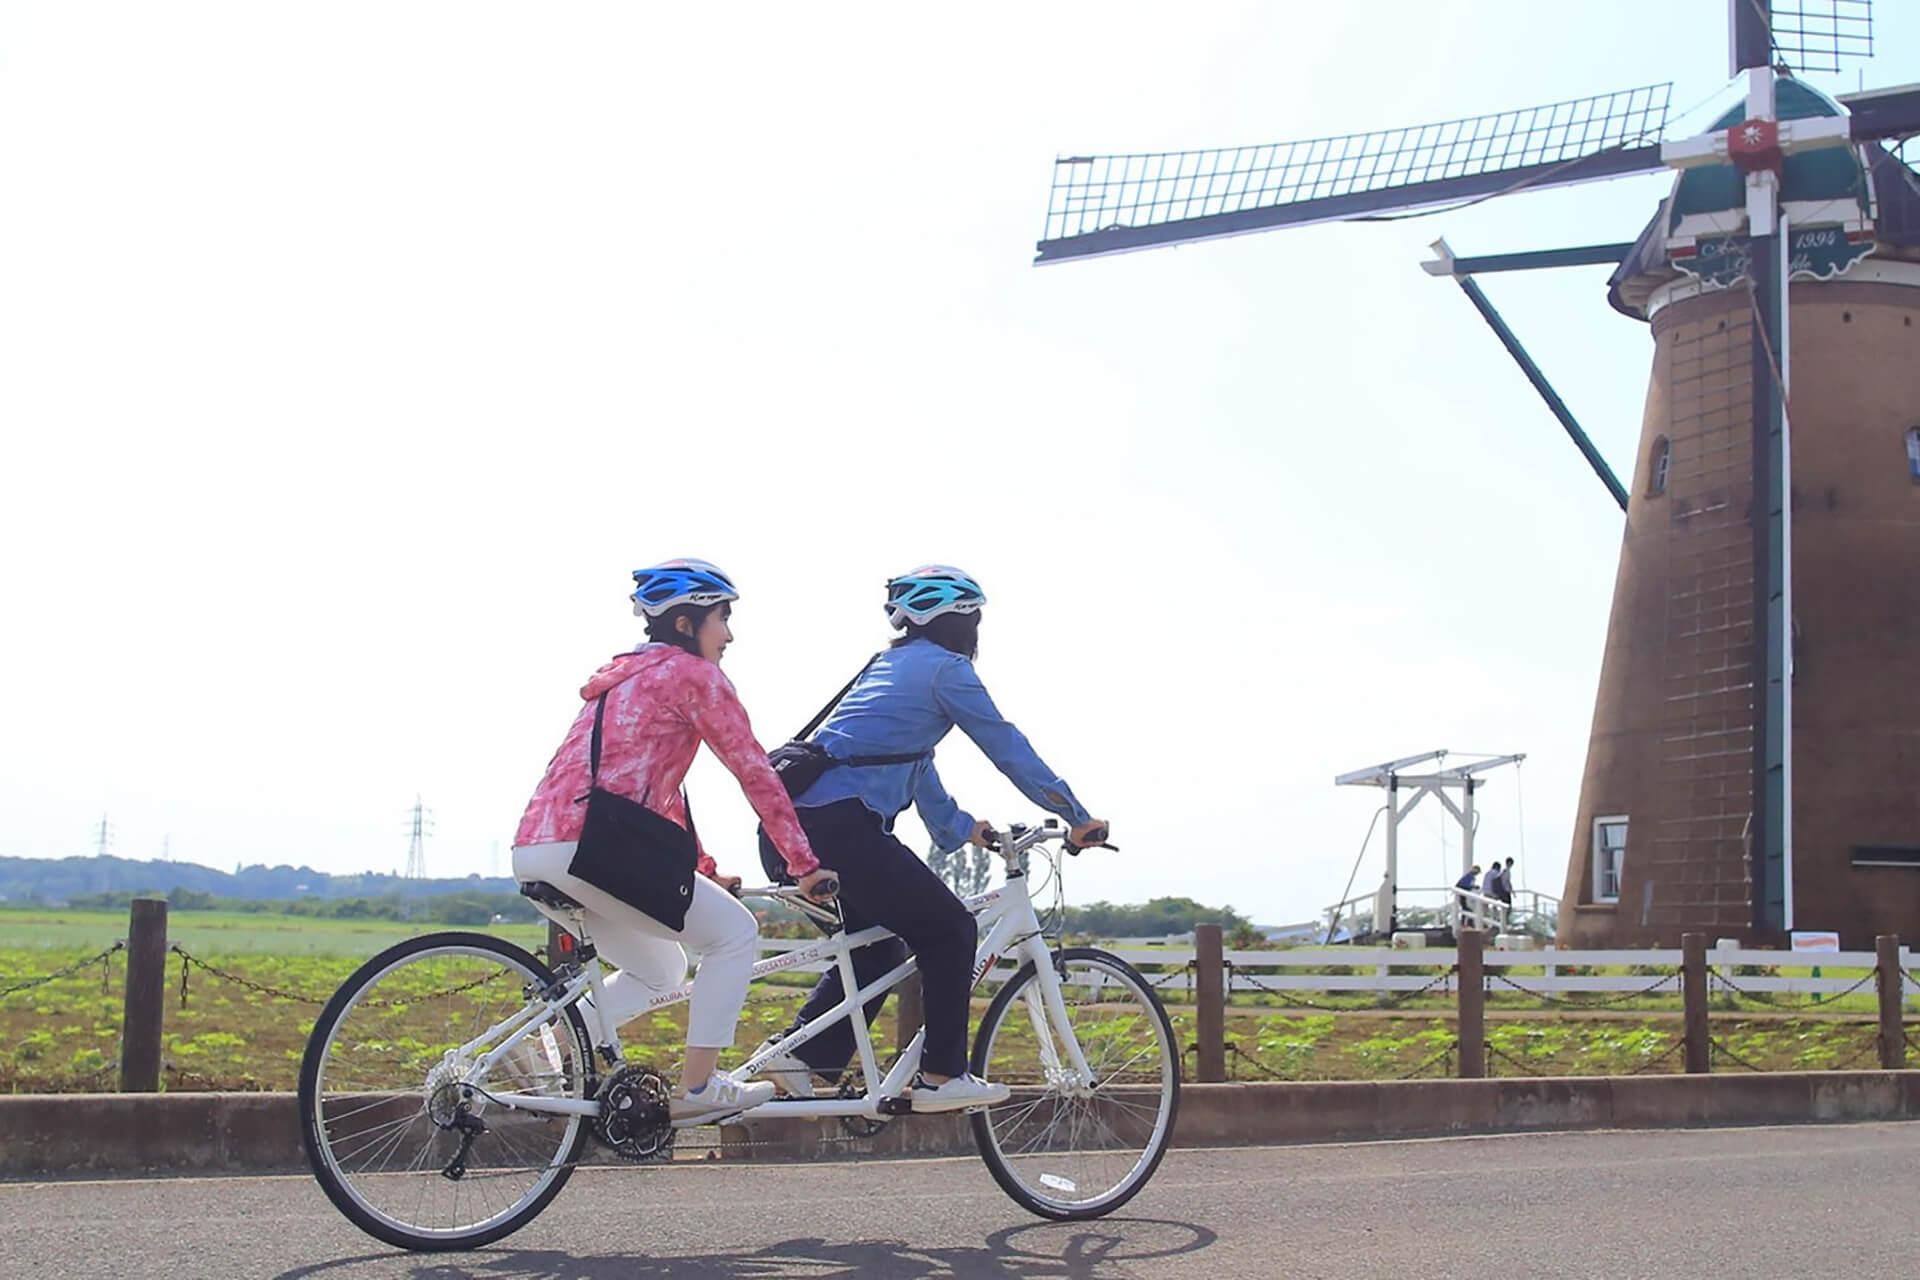 この写真は風車のひまわりガーデンの会場付近をタンデム自転車でツーリングする様子です